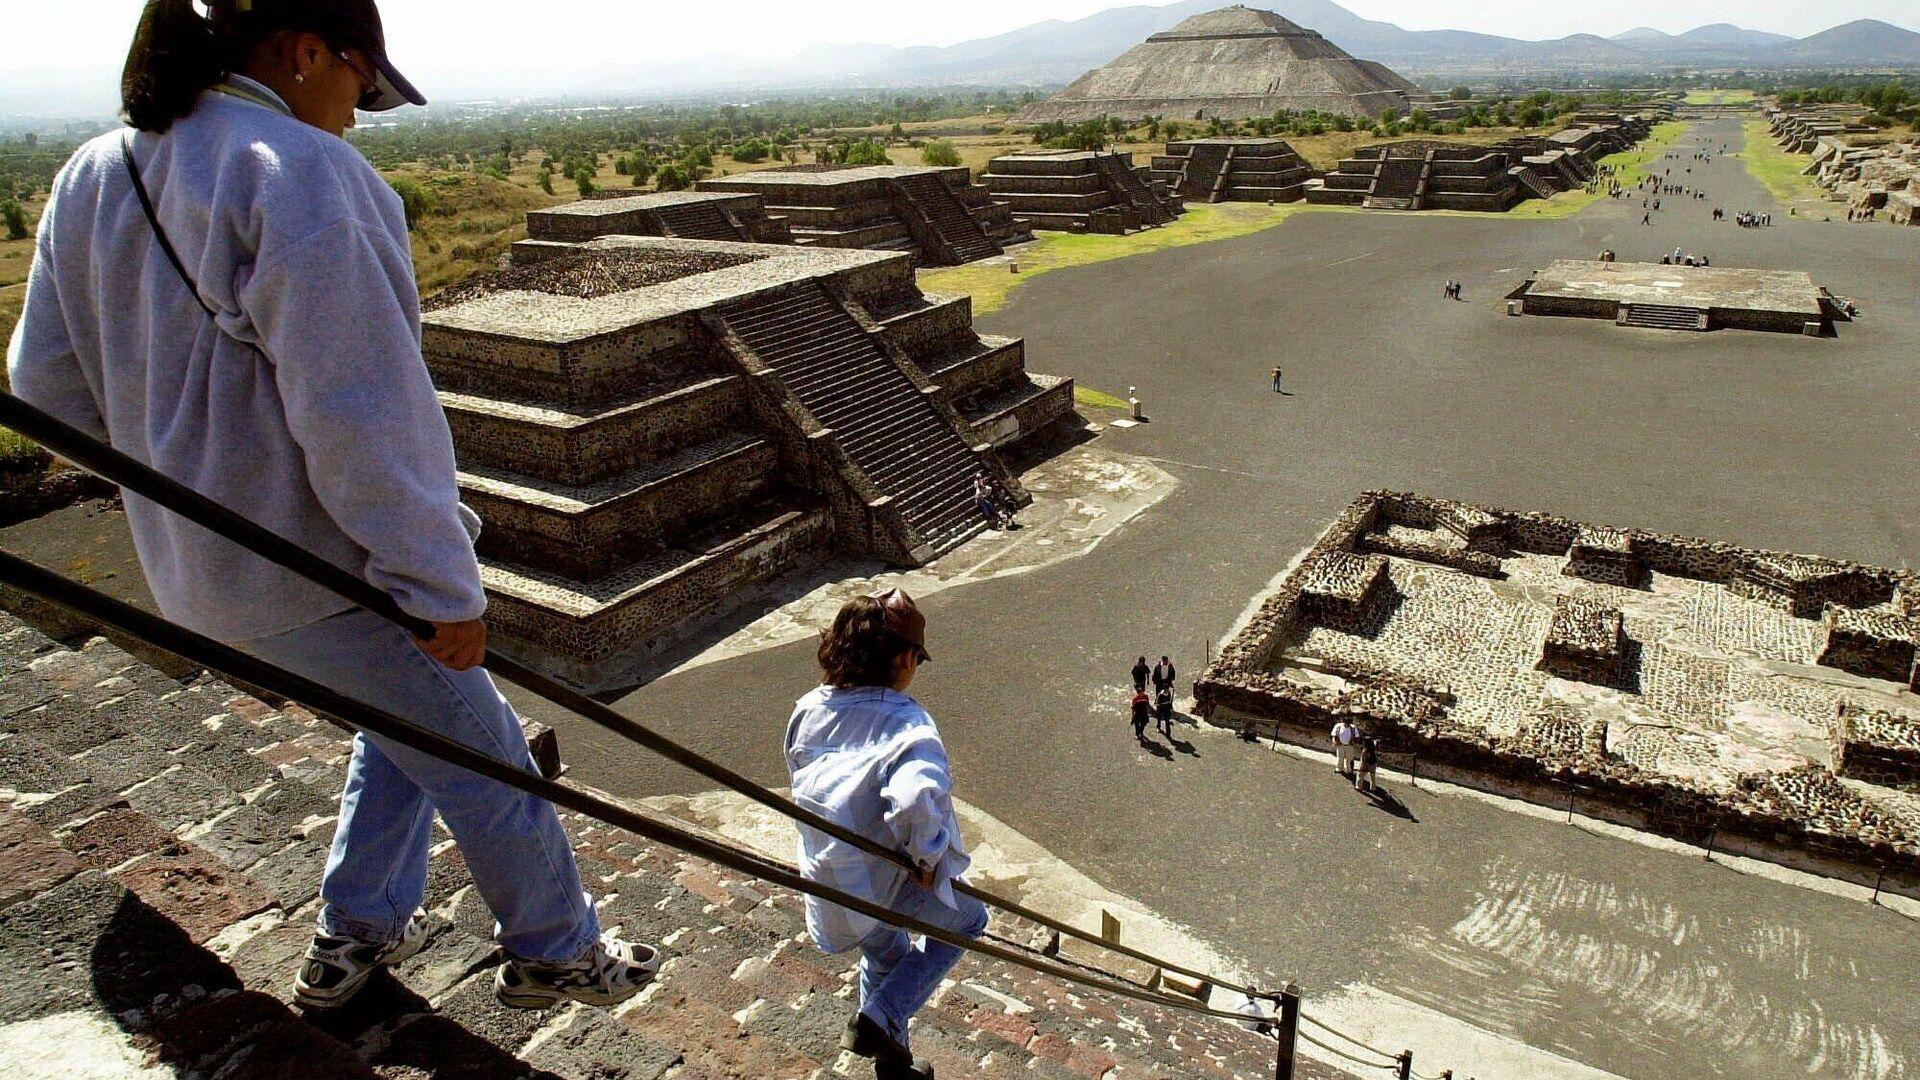 Teotihuacán antik kenti - Sputnik Türkiye, 1920, 23.09.2021